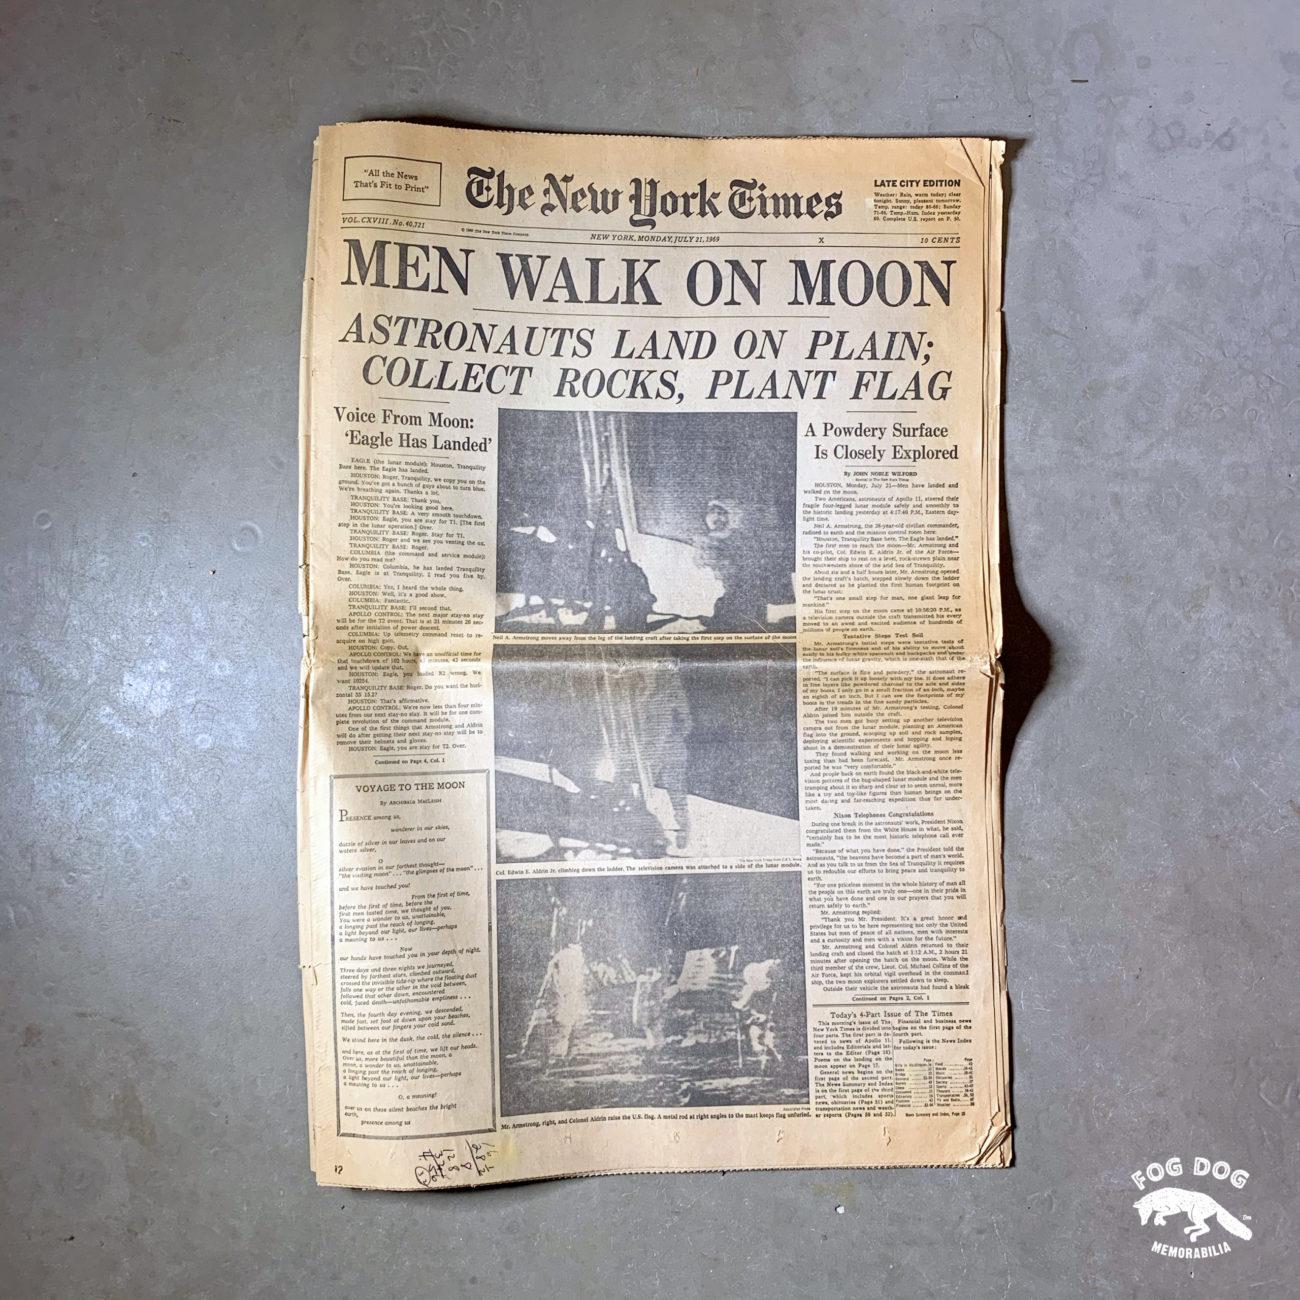 Vydání novin z 21.7.1969 - NEW YORK TIMES